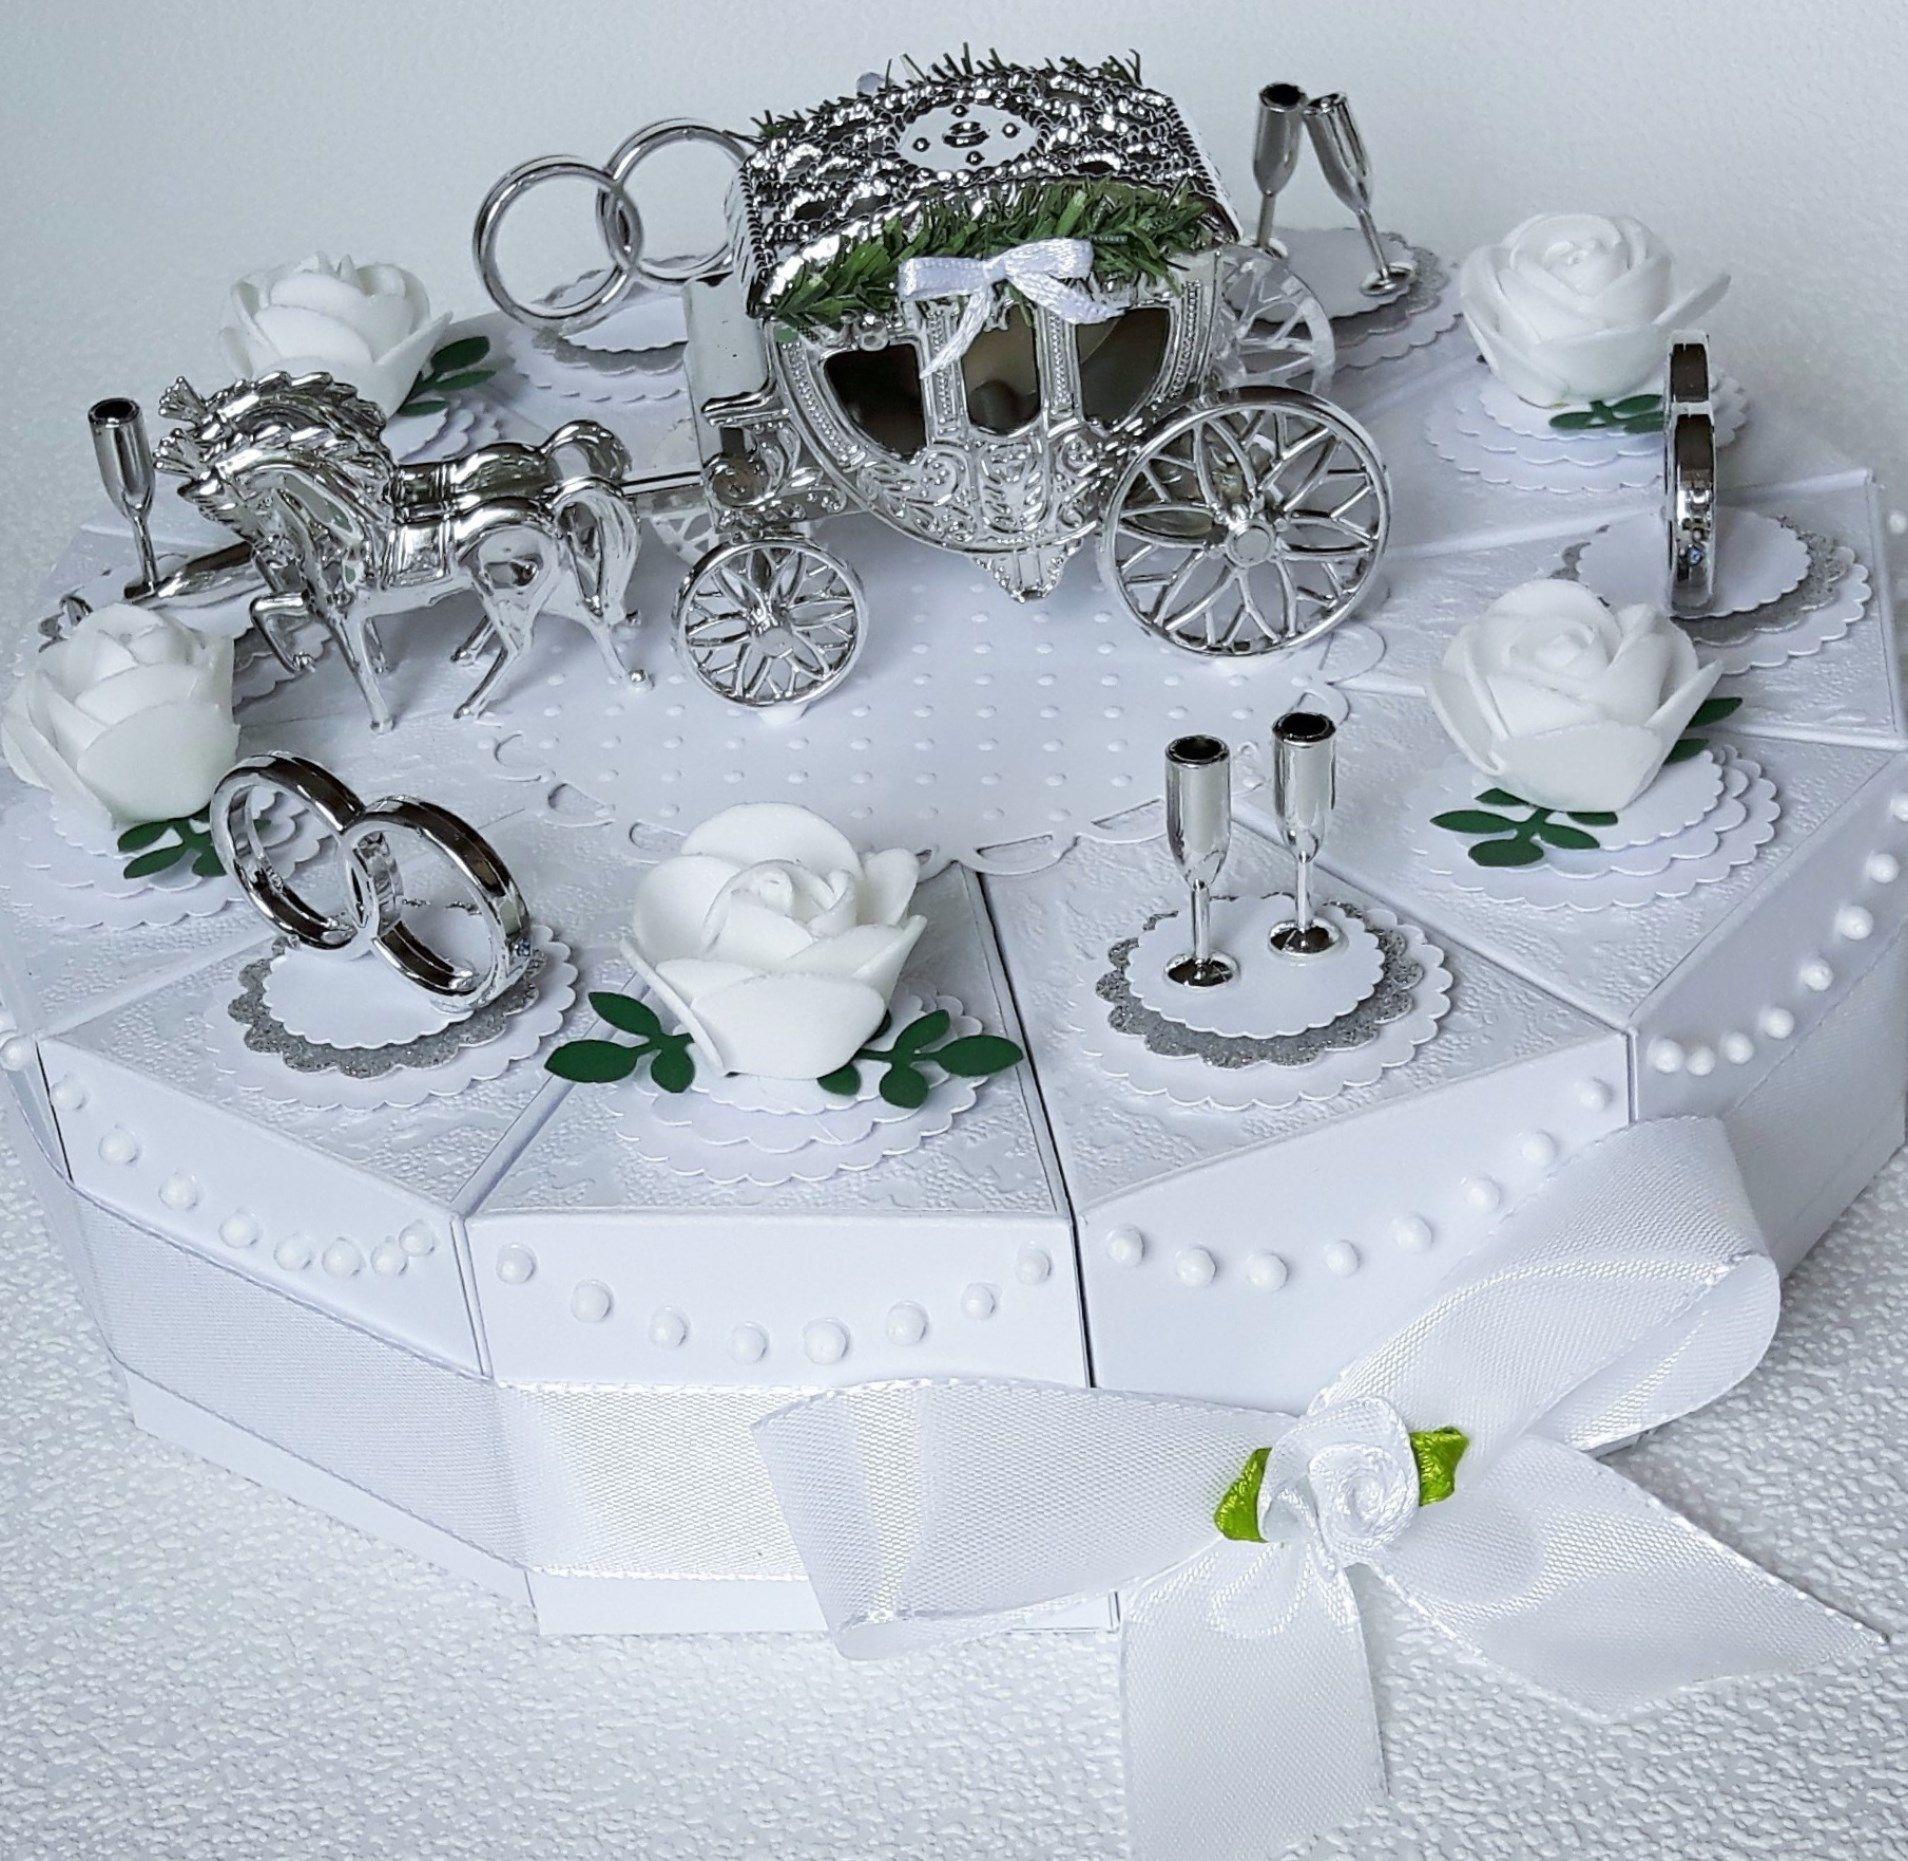 Gebastelte Geldgeschenke Silberhochzeit Ideen Zur Hochzeit